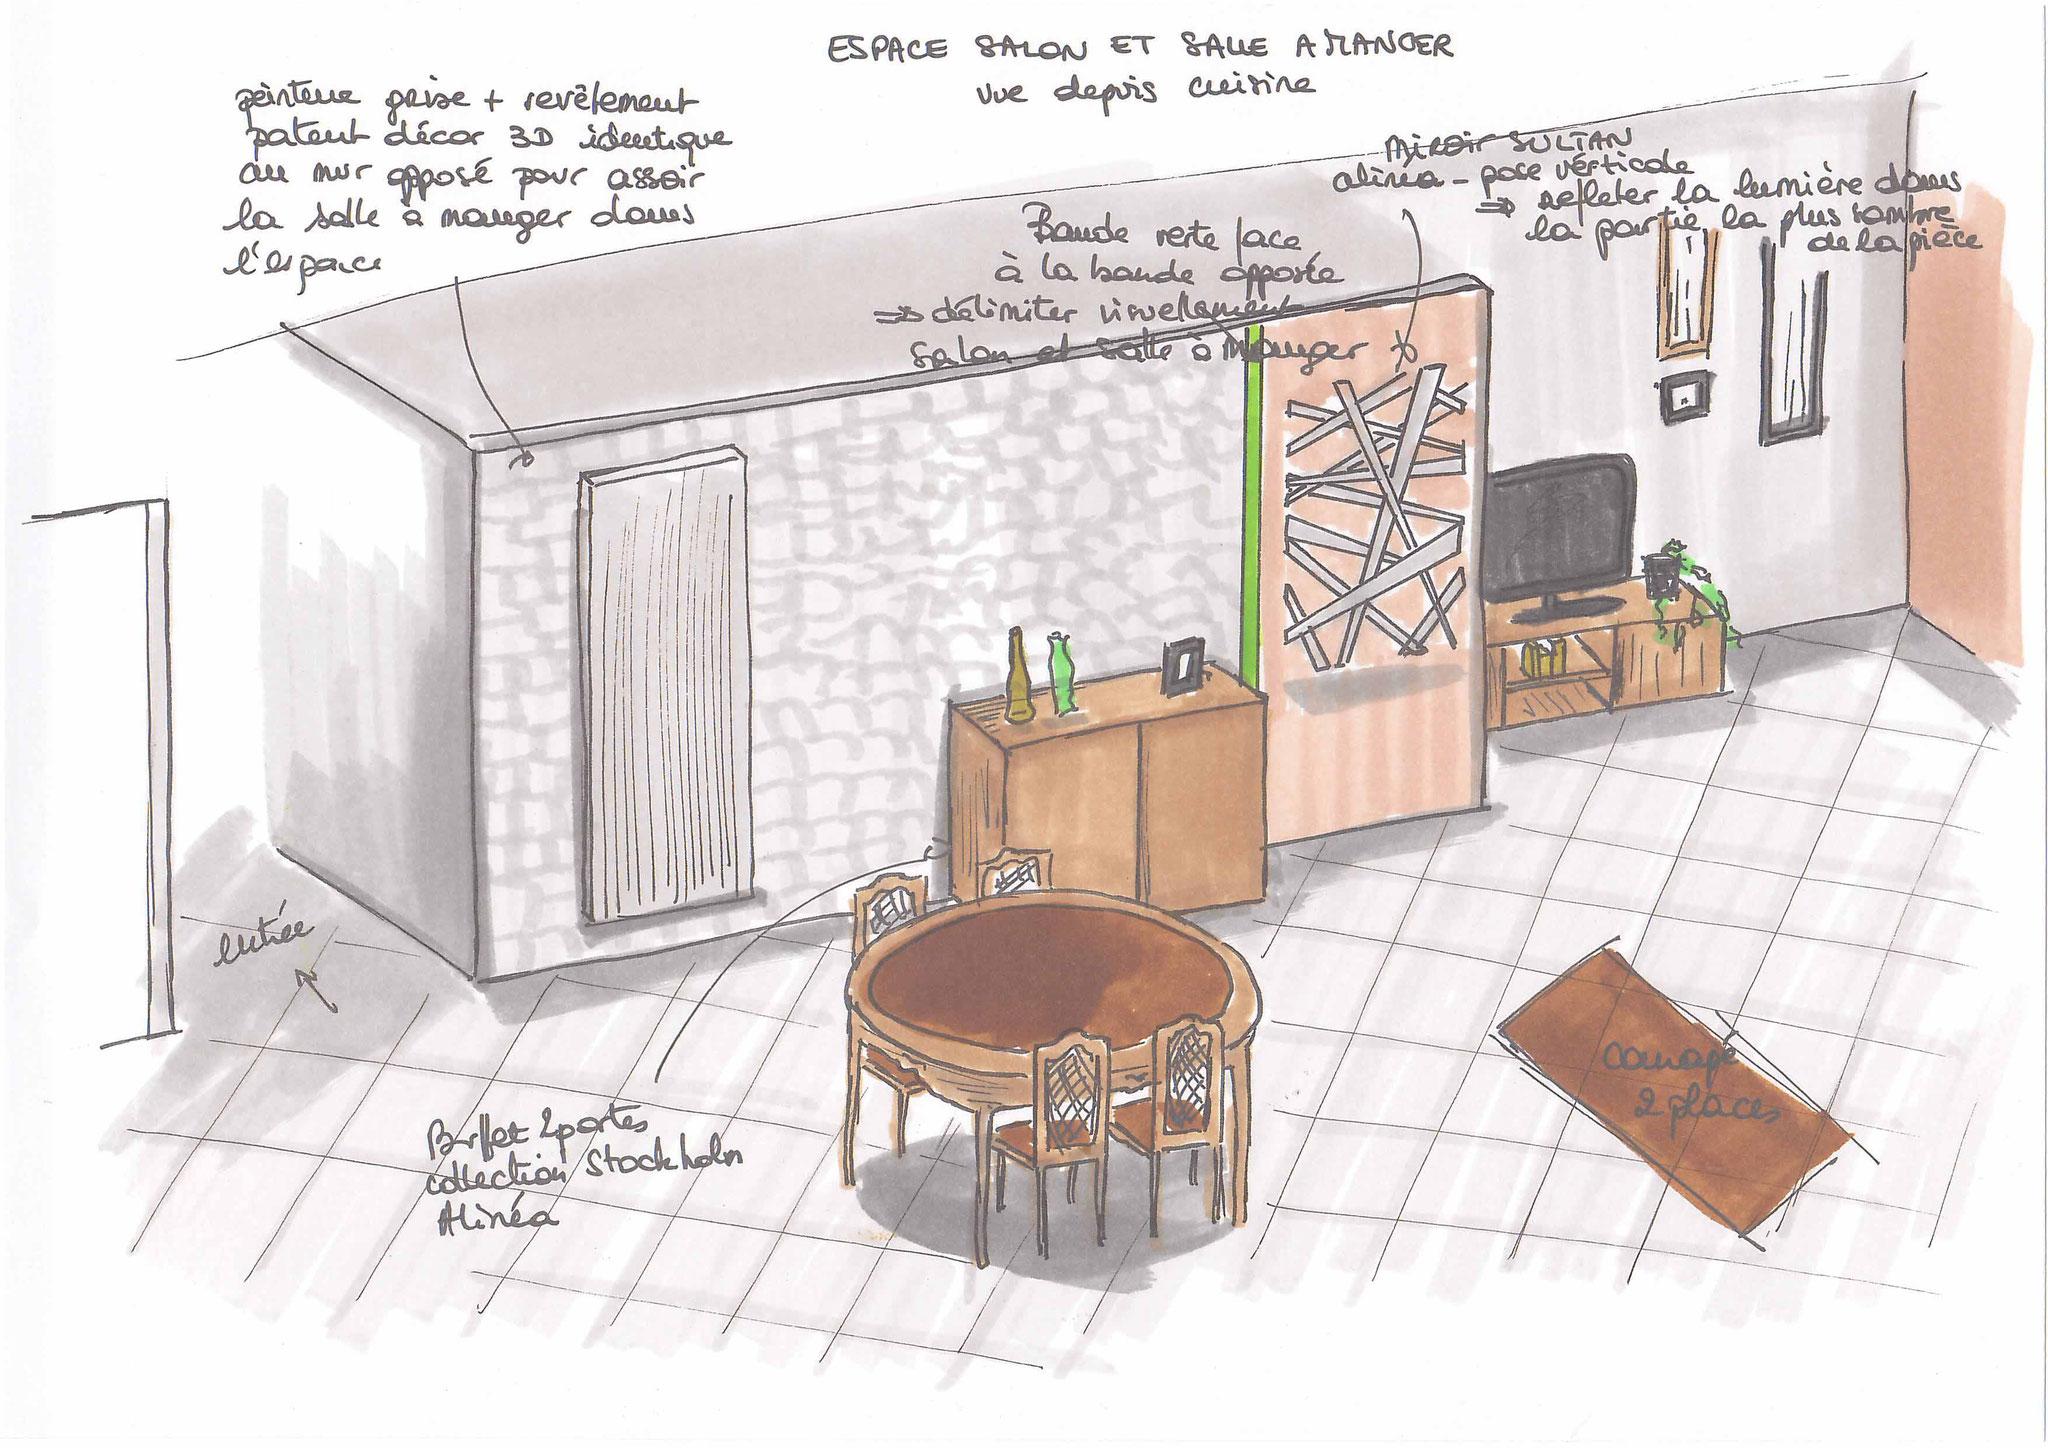 Atelier inside - salle à manger patent decor 3D peinture unikalo